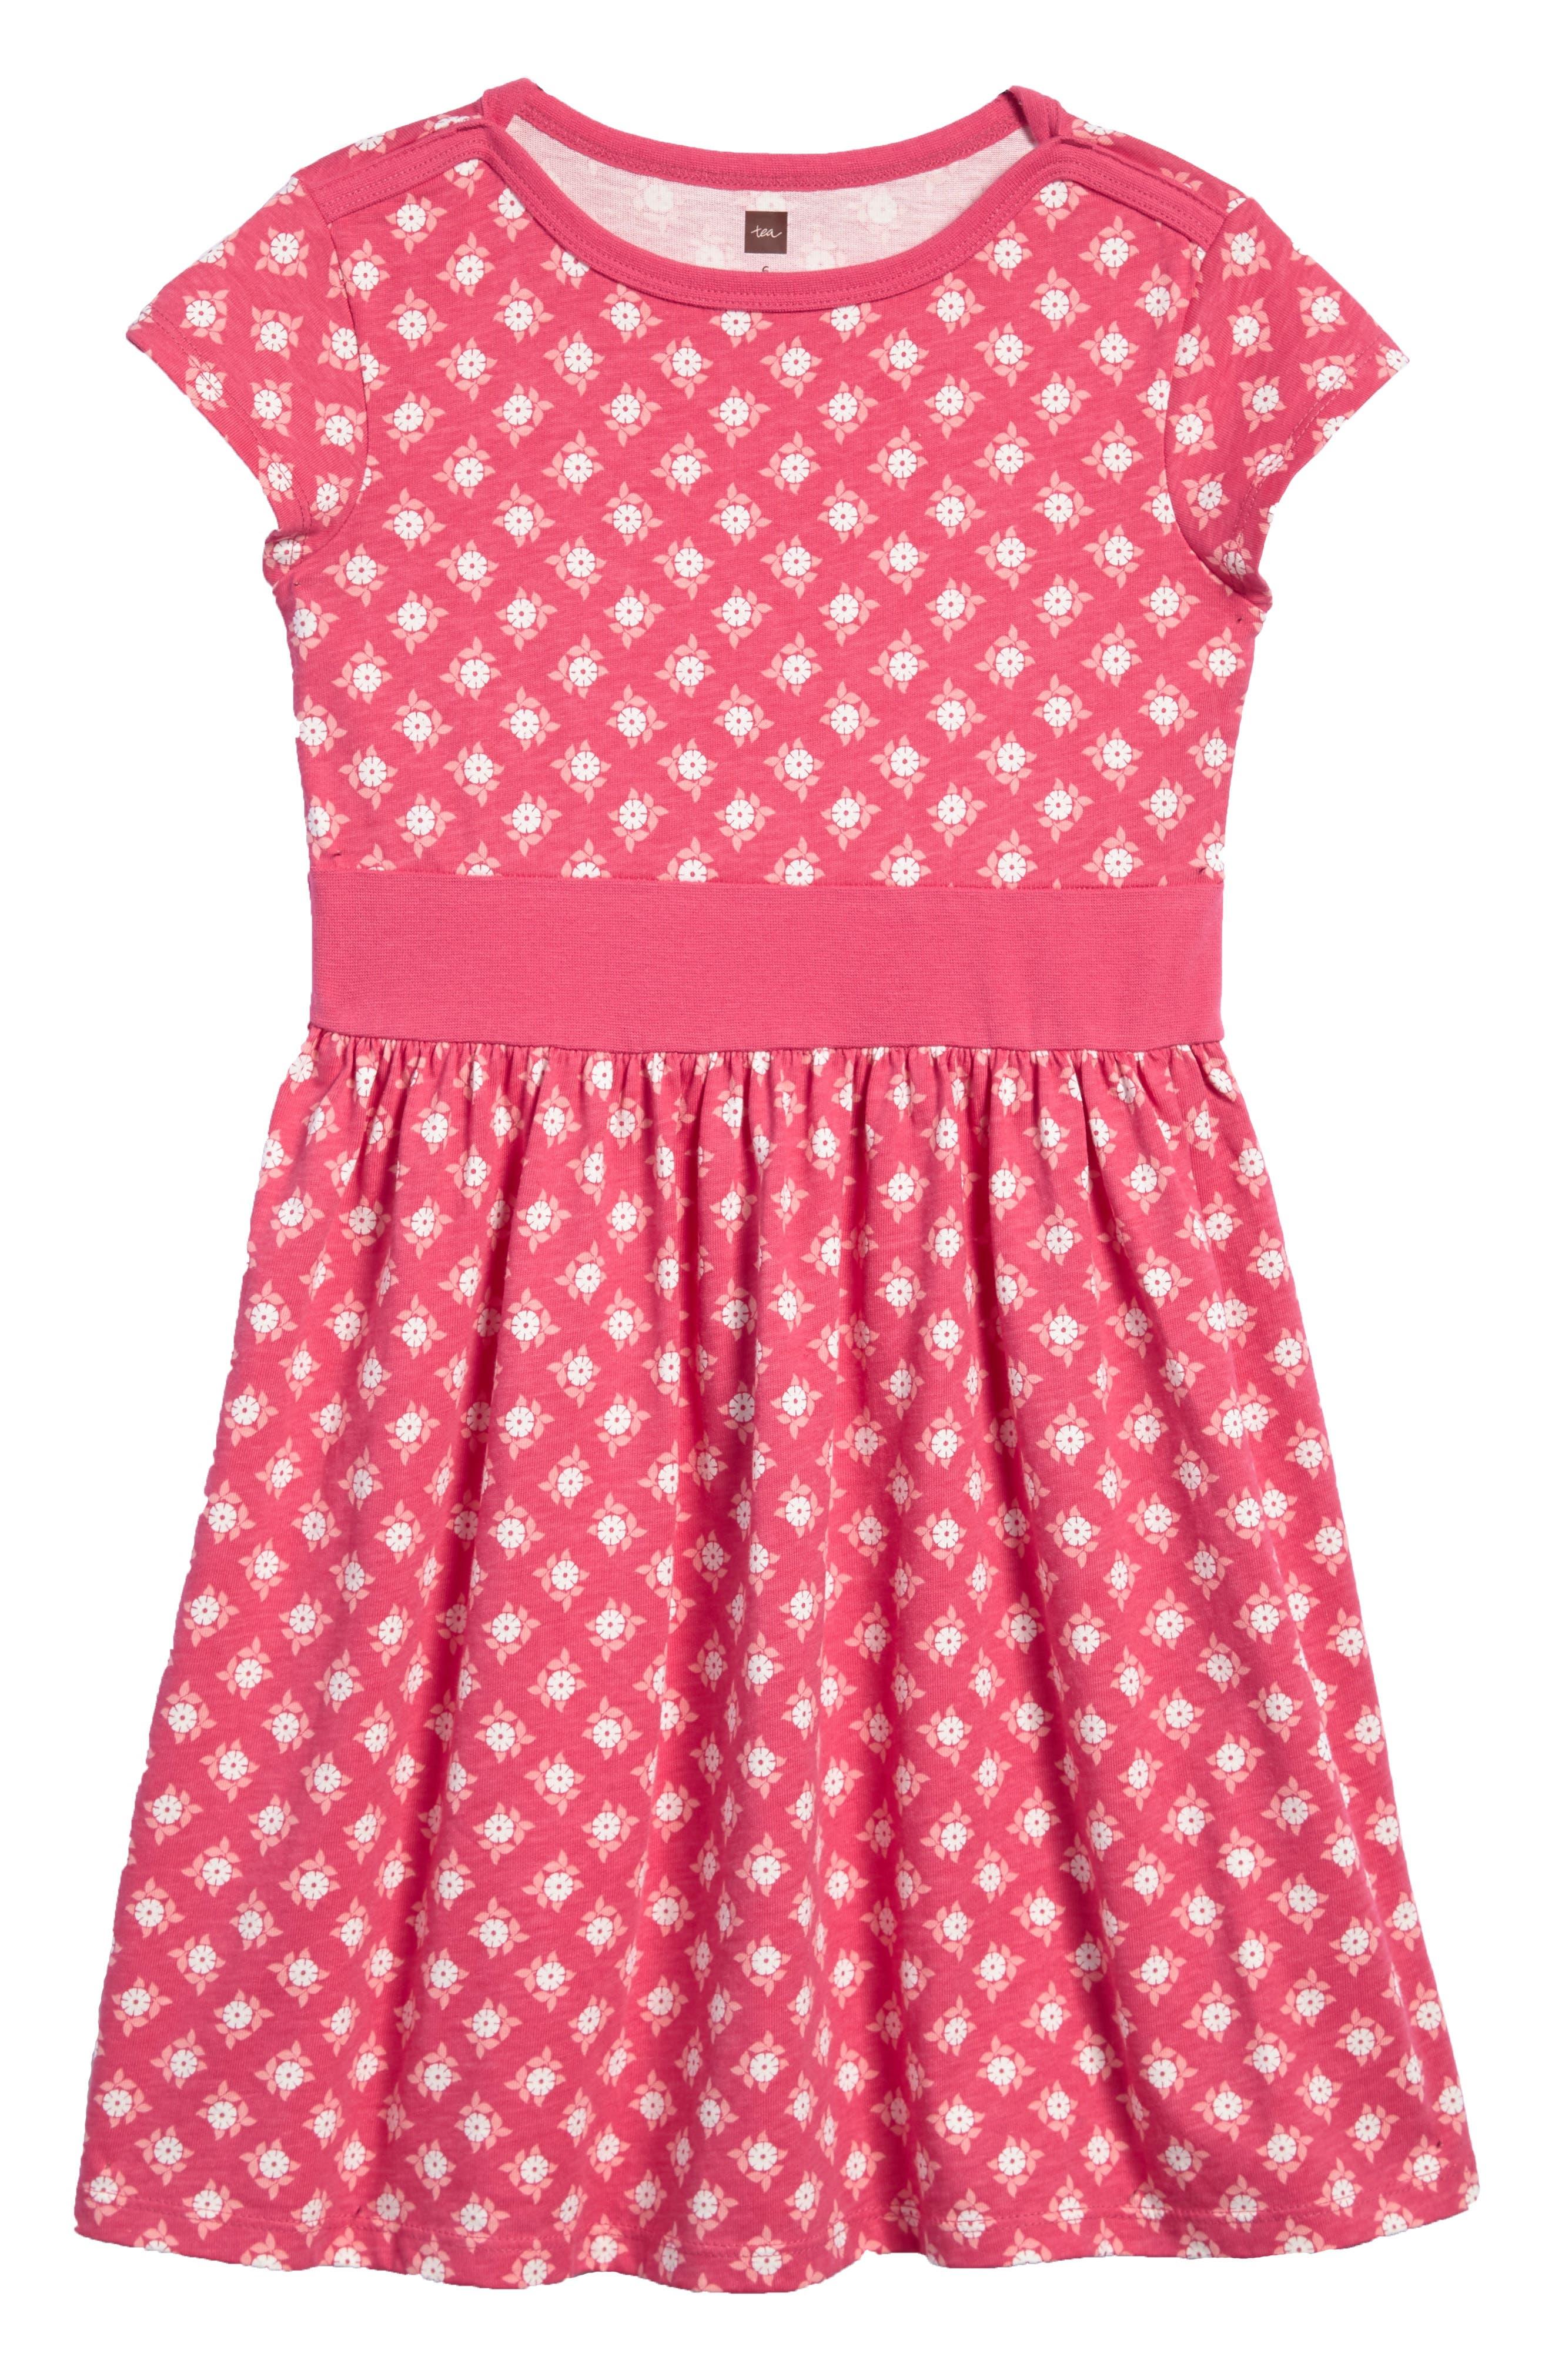 Sunburst Dress,                             Main thumbnail 1, color,                             650